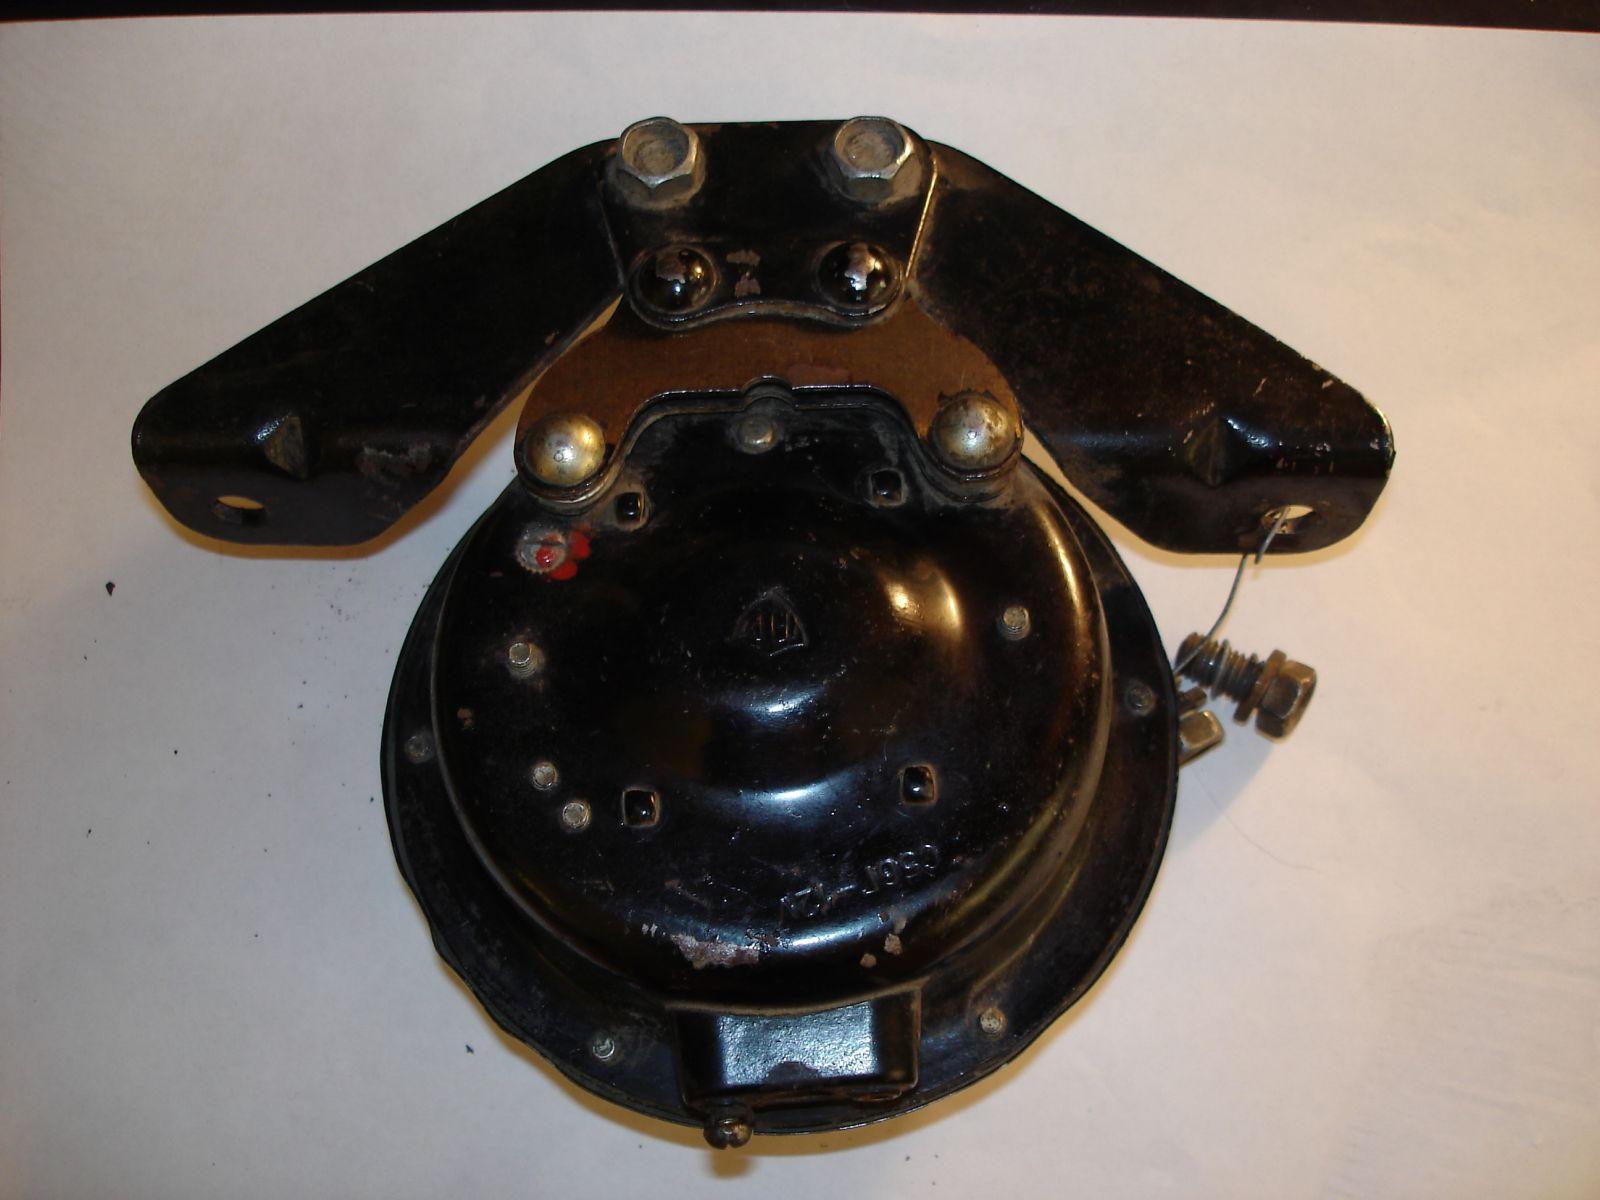 Сигнал С 56Г в отличном, рабочем состоянии, в заводской окраске. Кронштейн старого образца.